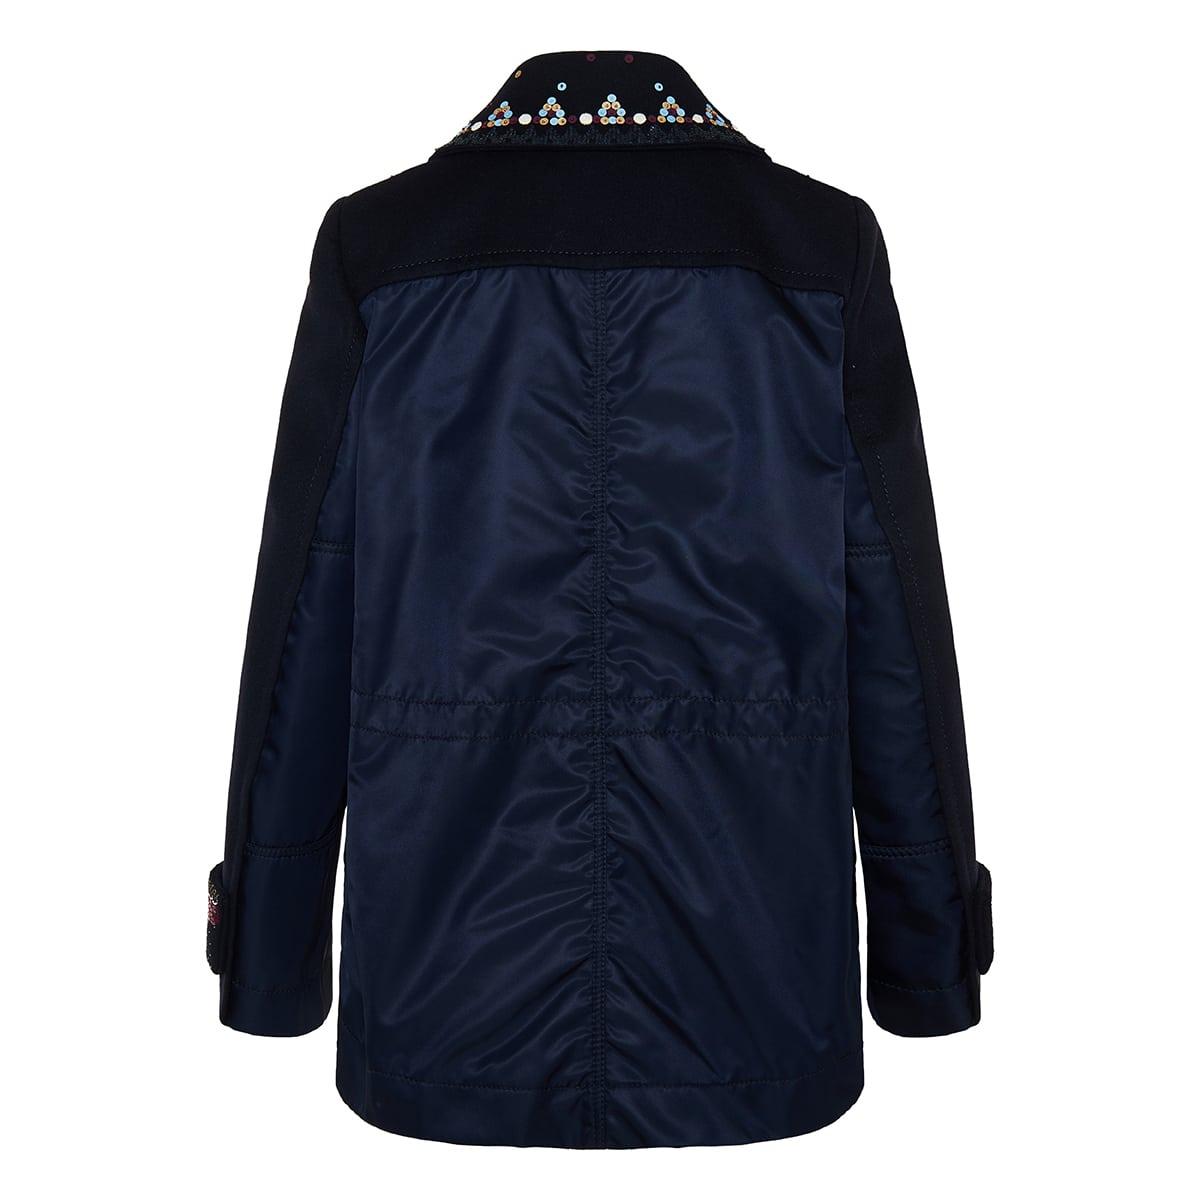 Nylon-paneled embellished wool pea coat